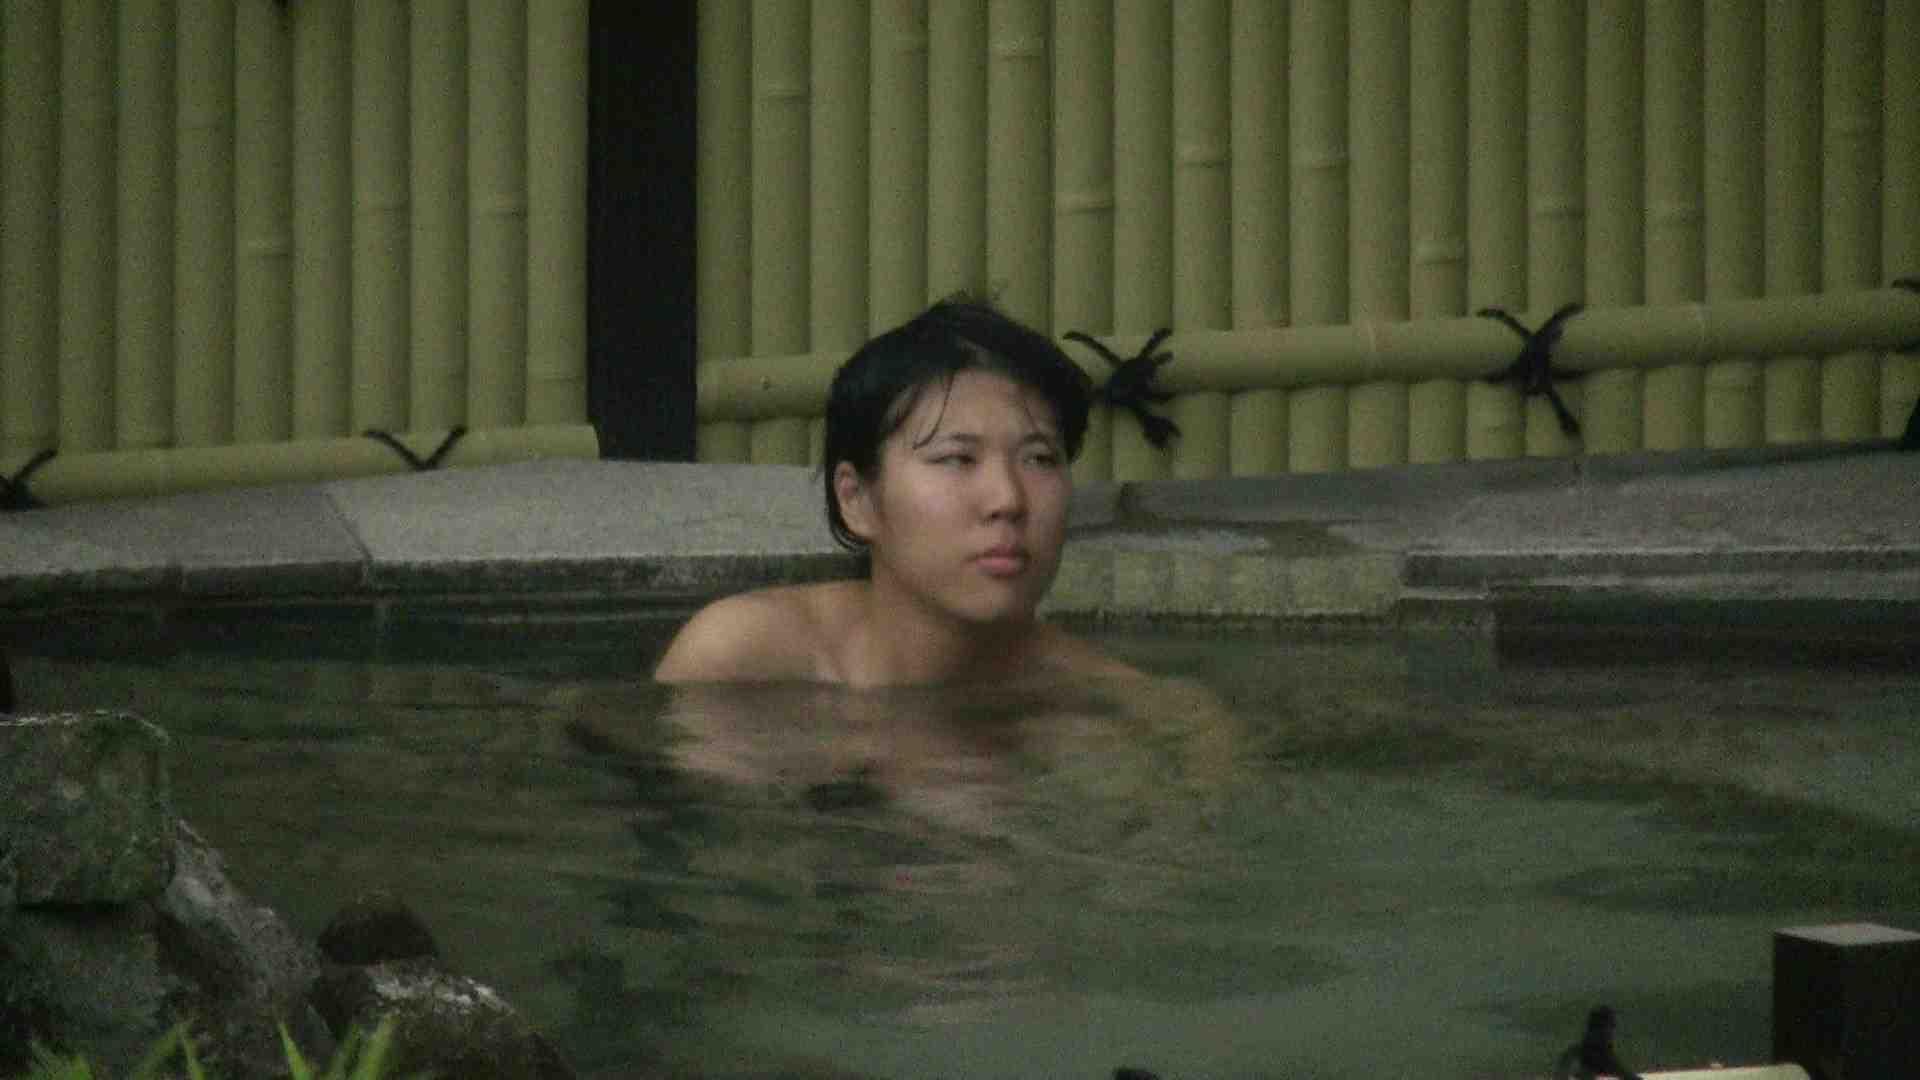 Aquaな露天風呂Vol.215 OLエロ画像   露天  70PICs 22